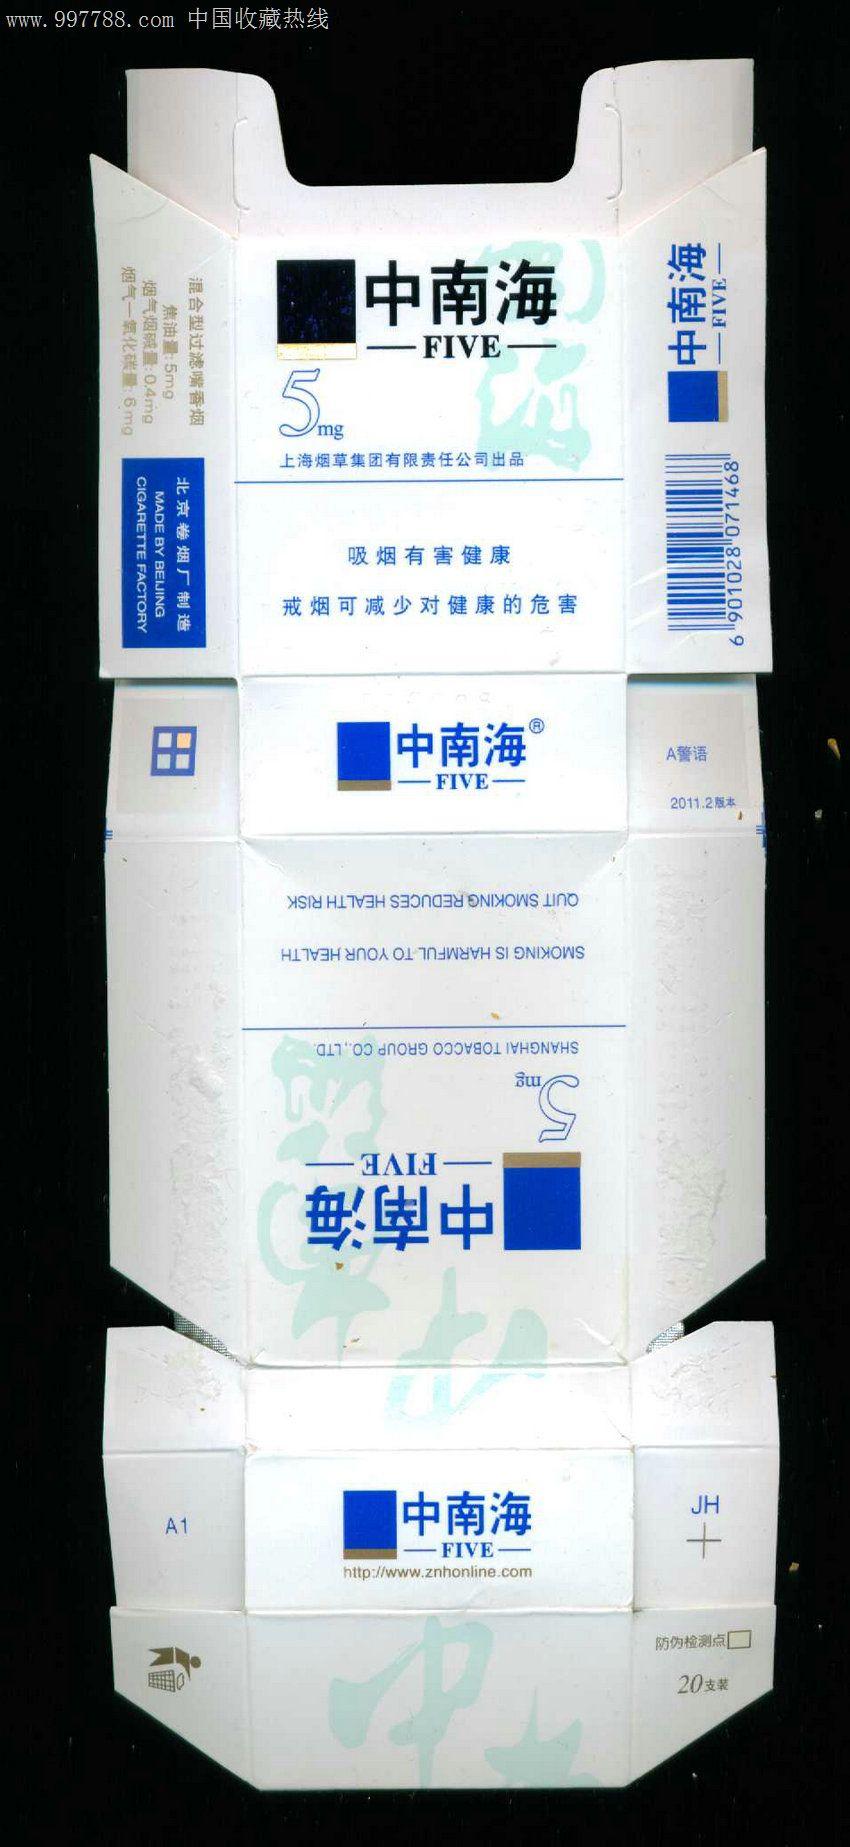 中南海(5mg)2戒烟版(071468烟碱0.4mg)-上海烟草集团有限责任公司